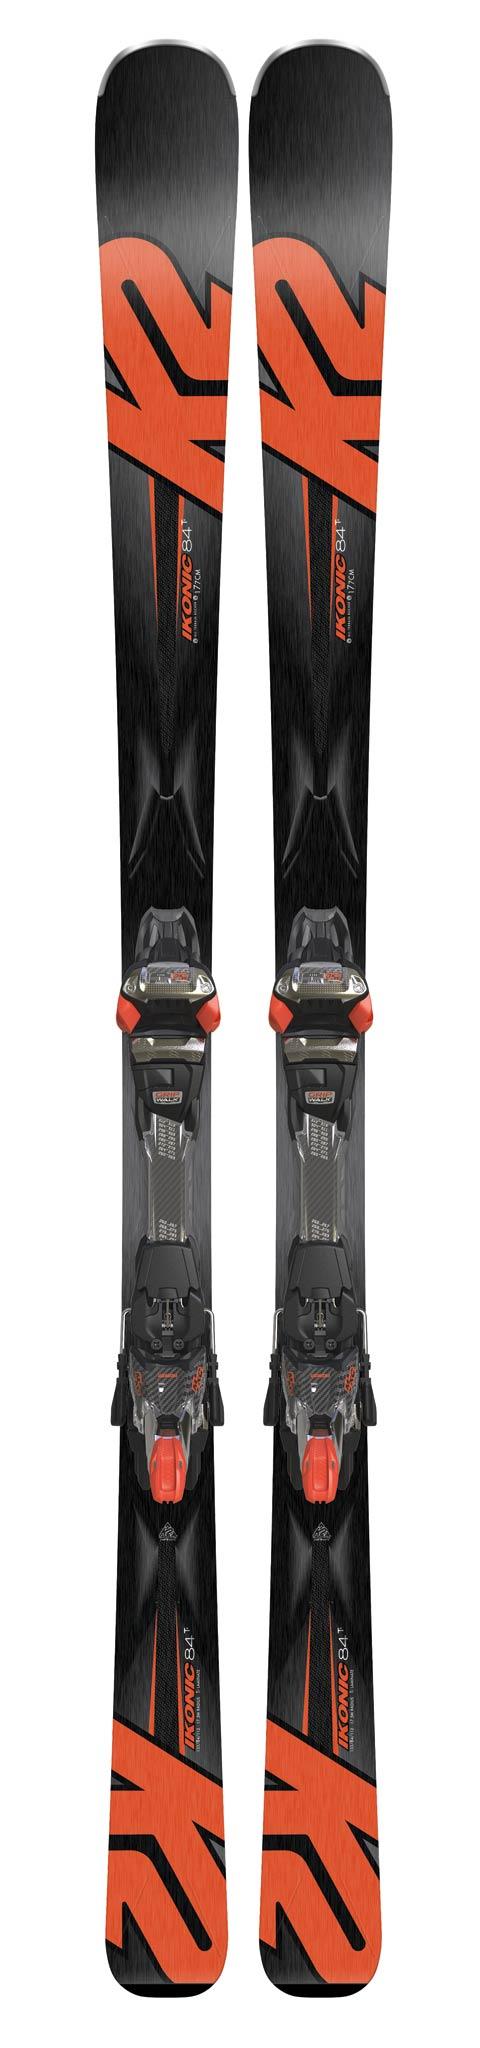 Eins der beiden Top-Modelle der neuen Reihe: Der K2 iKonic 84 Ti